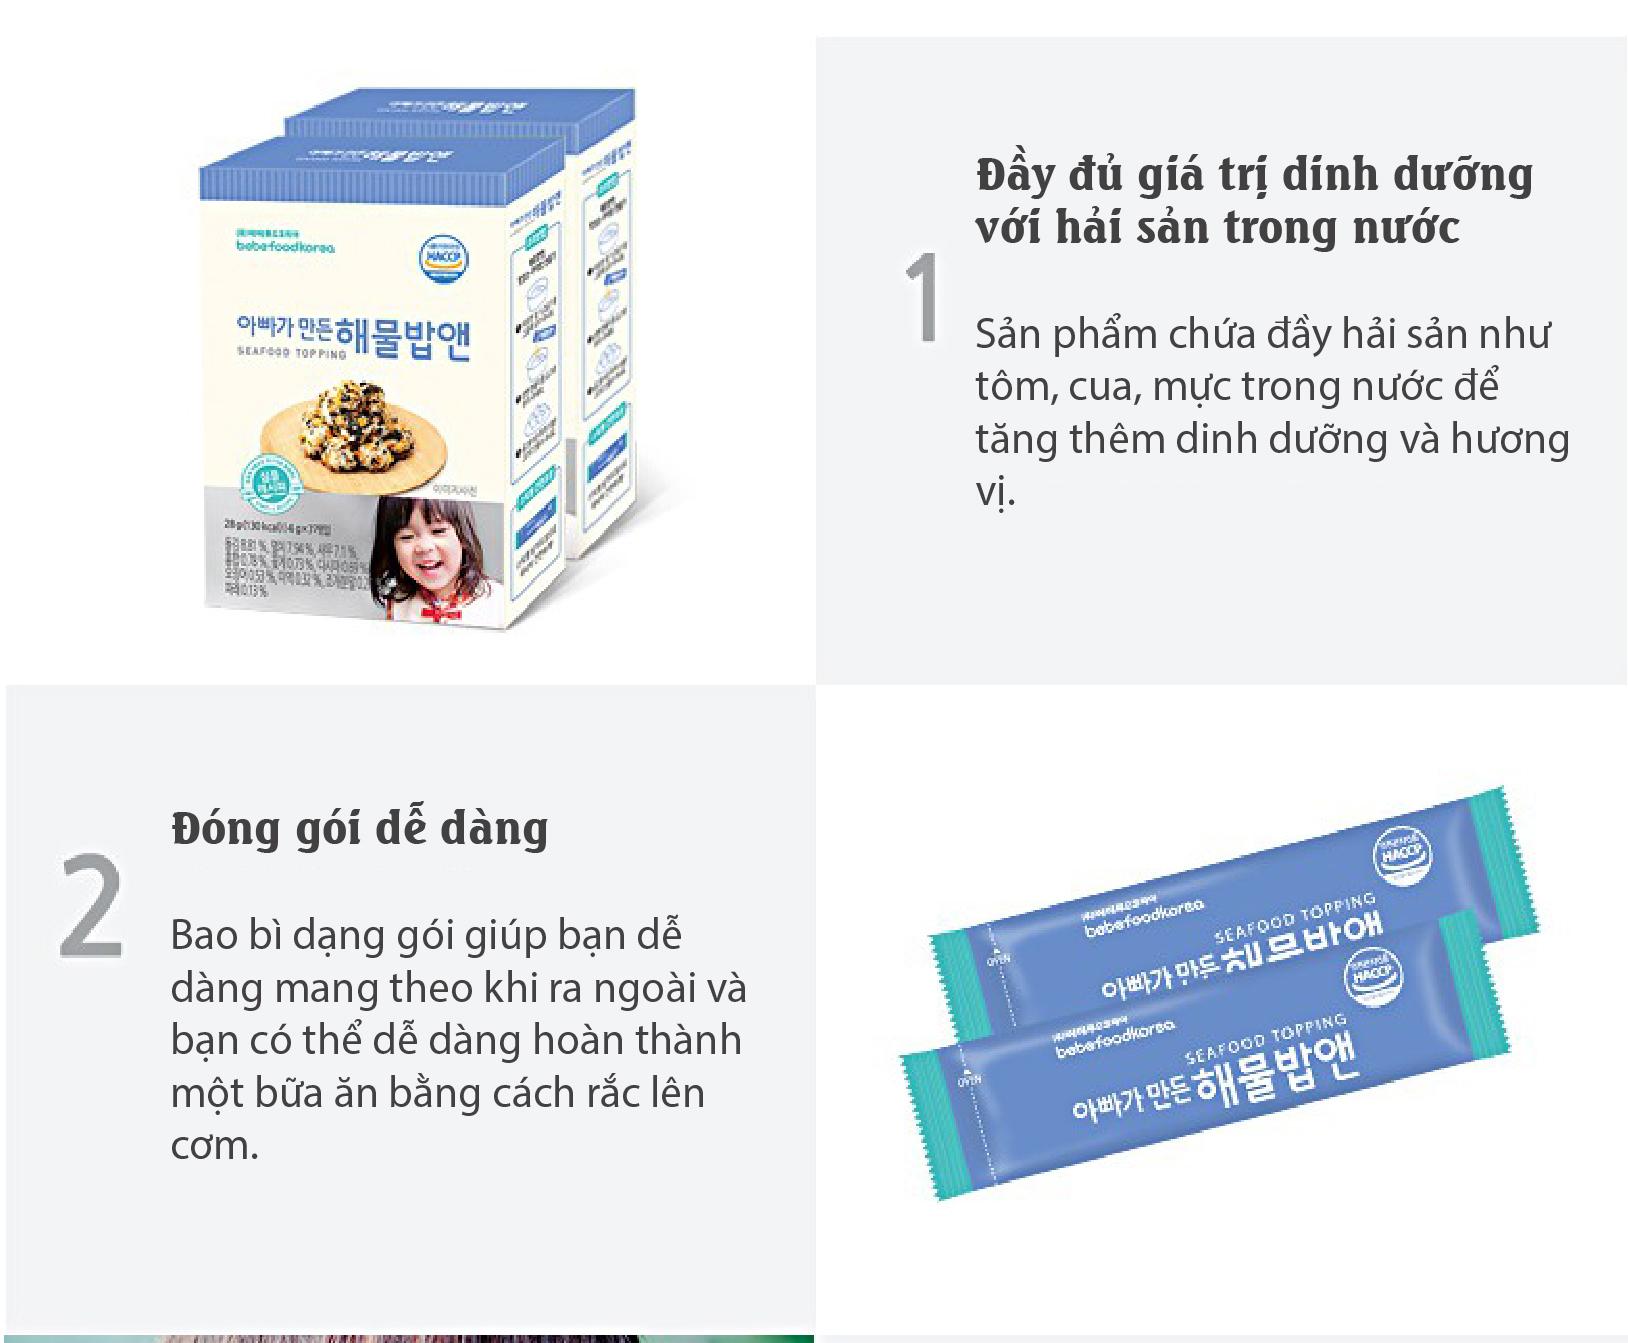 Gia vị rắc cơm cho bé Bebefood chính hãng Hàn Quốc 3